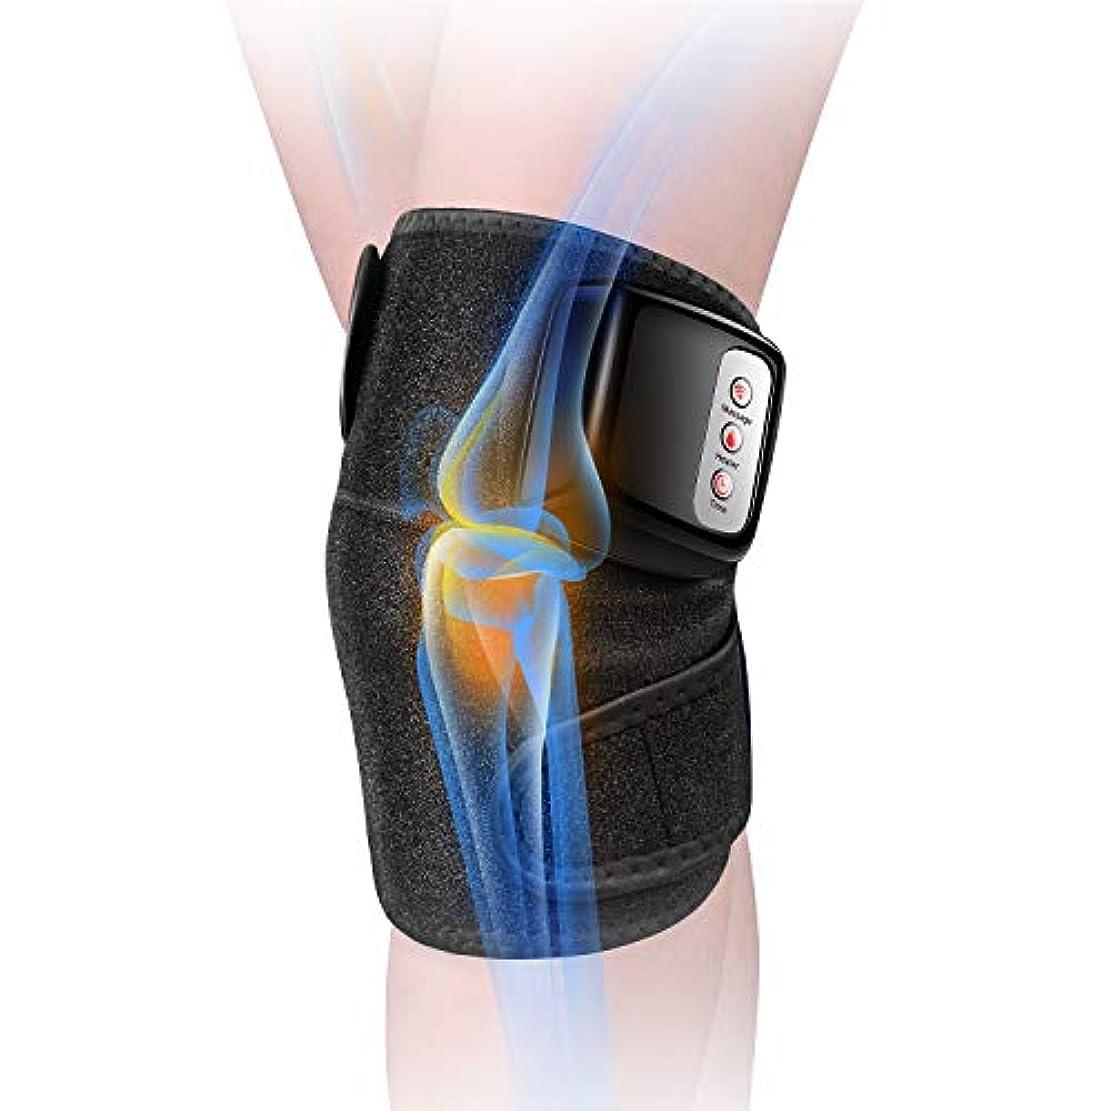 マントしなやかな栄養膝マッサージャー 関節マッサージャー マッサージ器 フットマッサージャー 振動 赤外線療法 温熱療法 膝サポーター ストレス解消 肩 太もも/腕対応